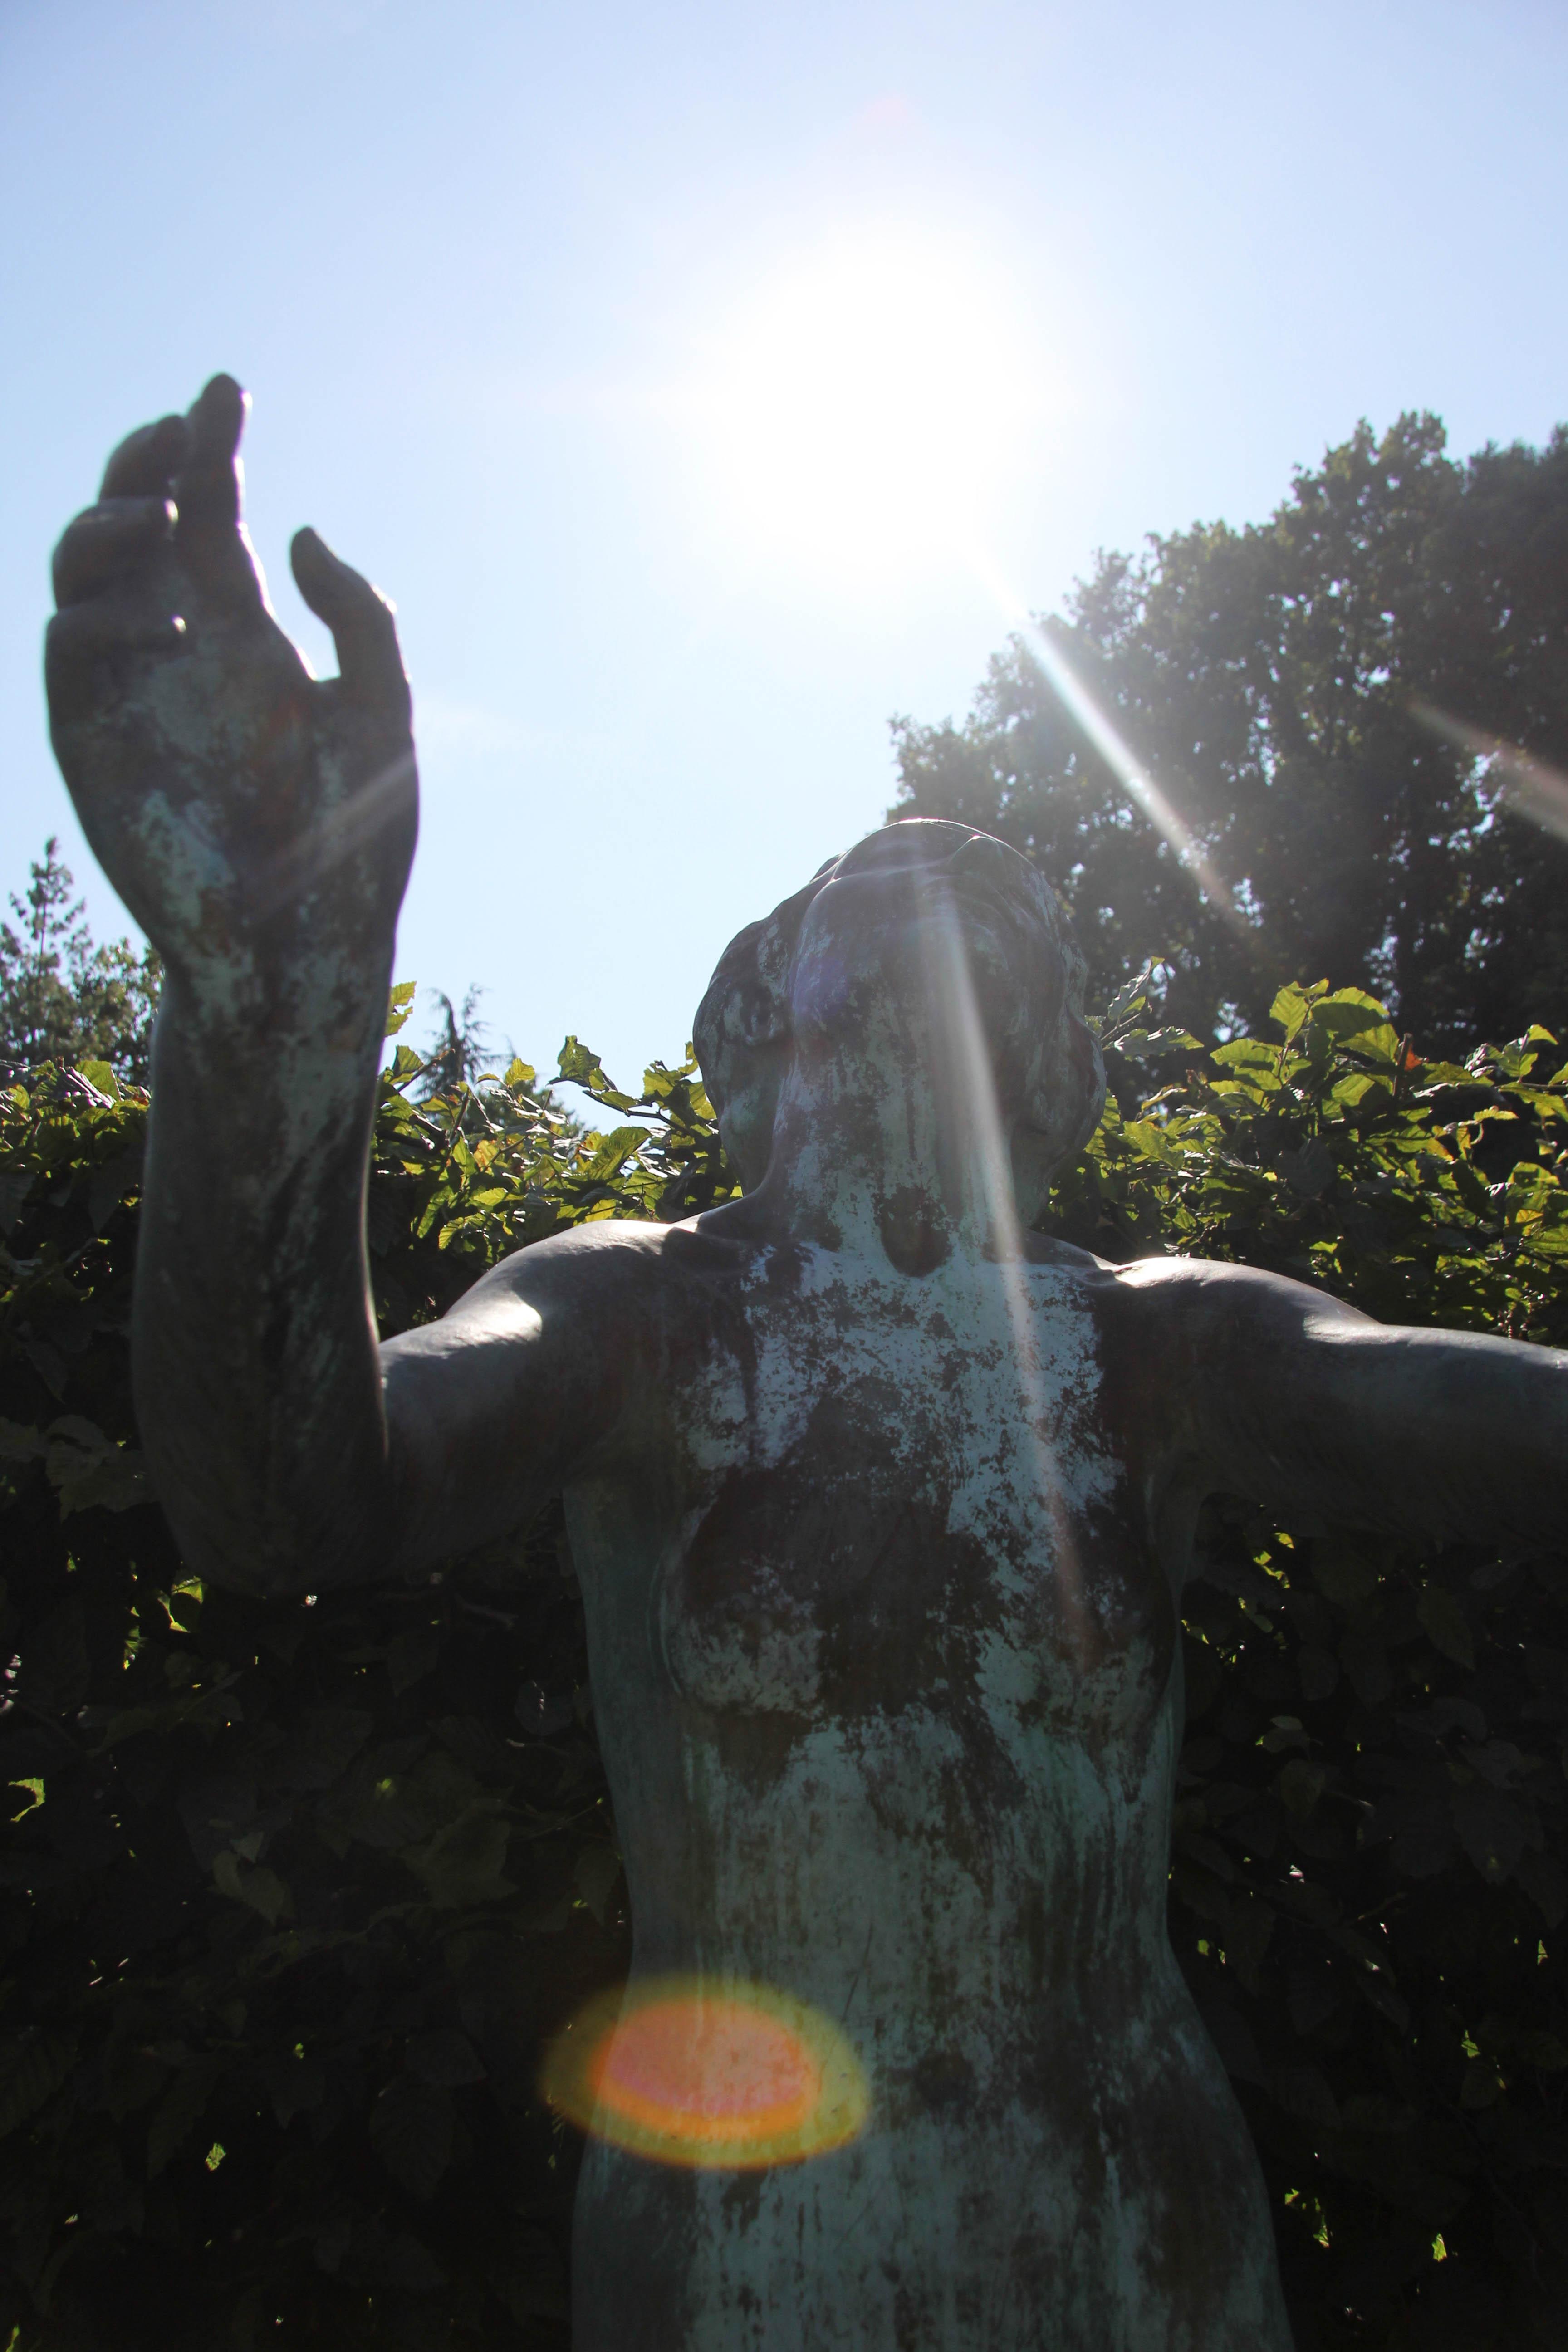 A statue at the Botanical Garden (Botanischer Garten) in Berlin